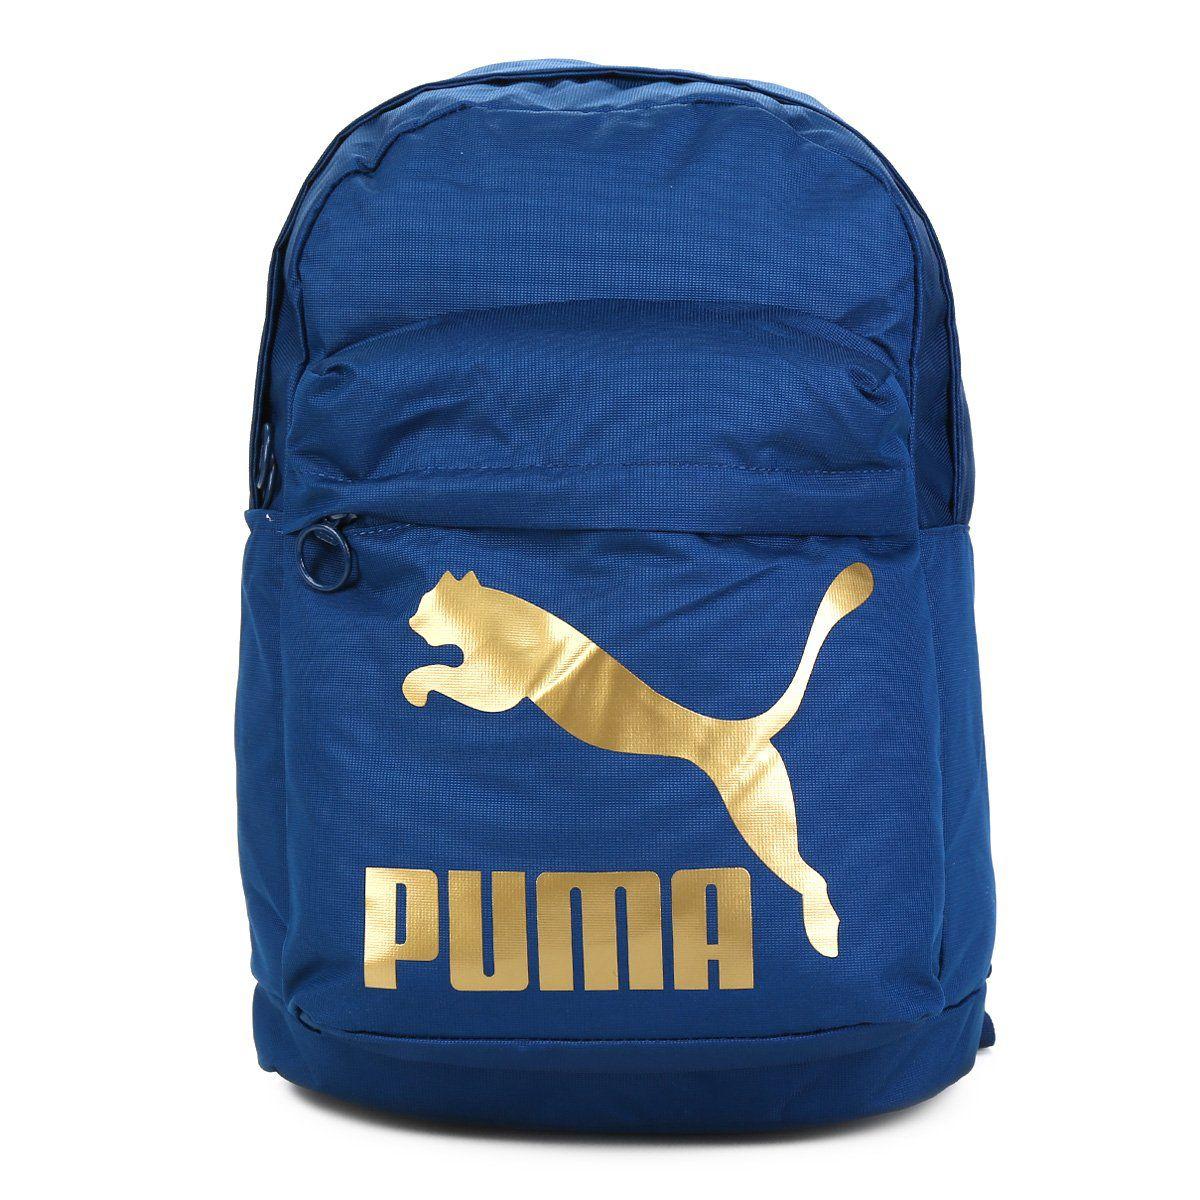 Mochila Puma Azul - Original